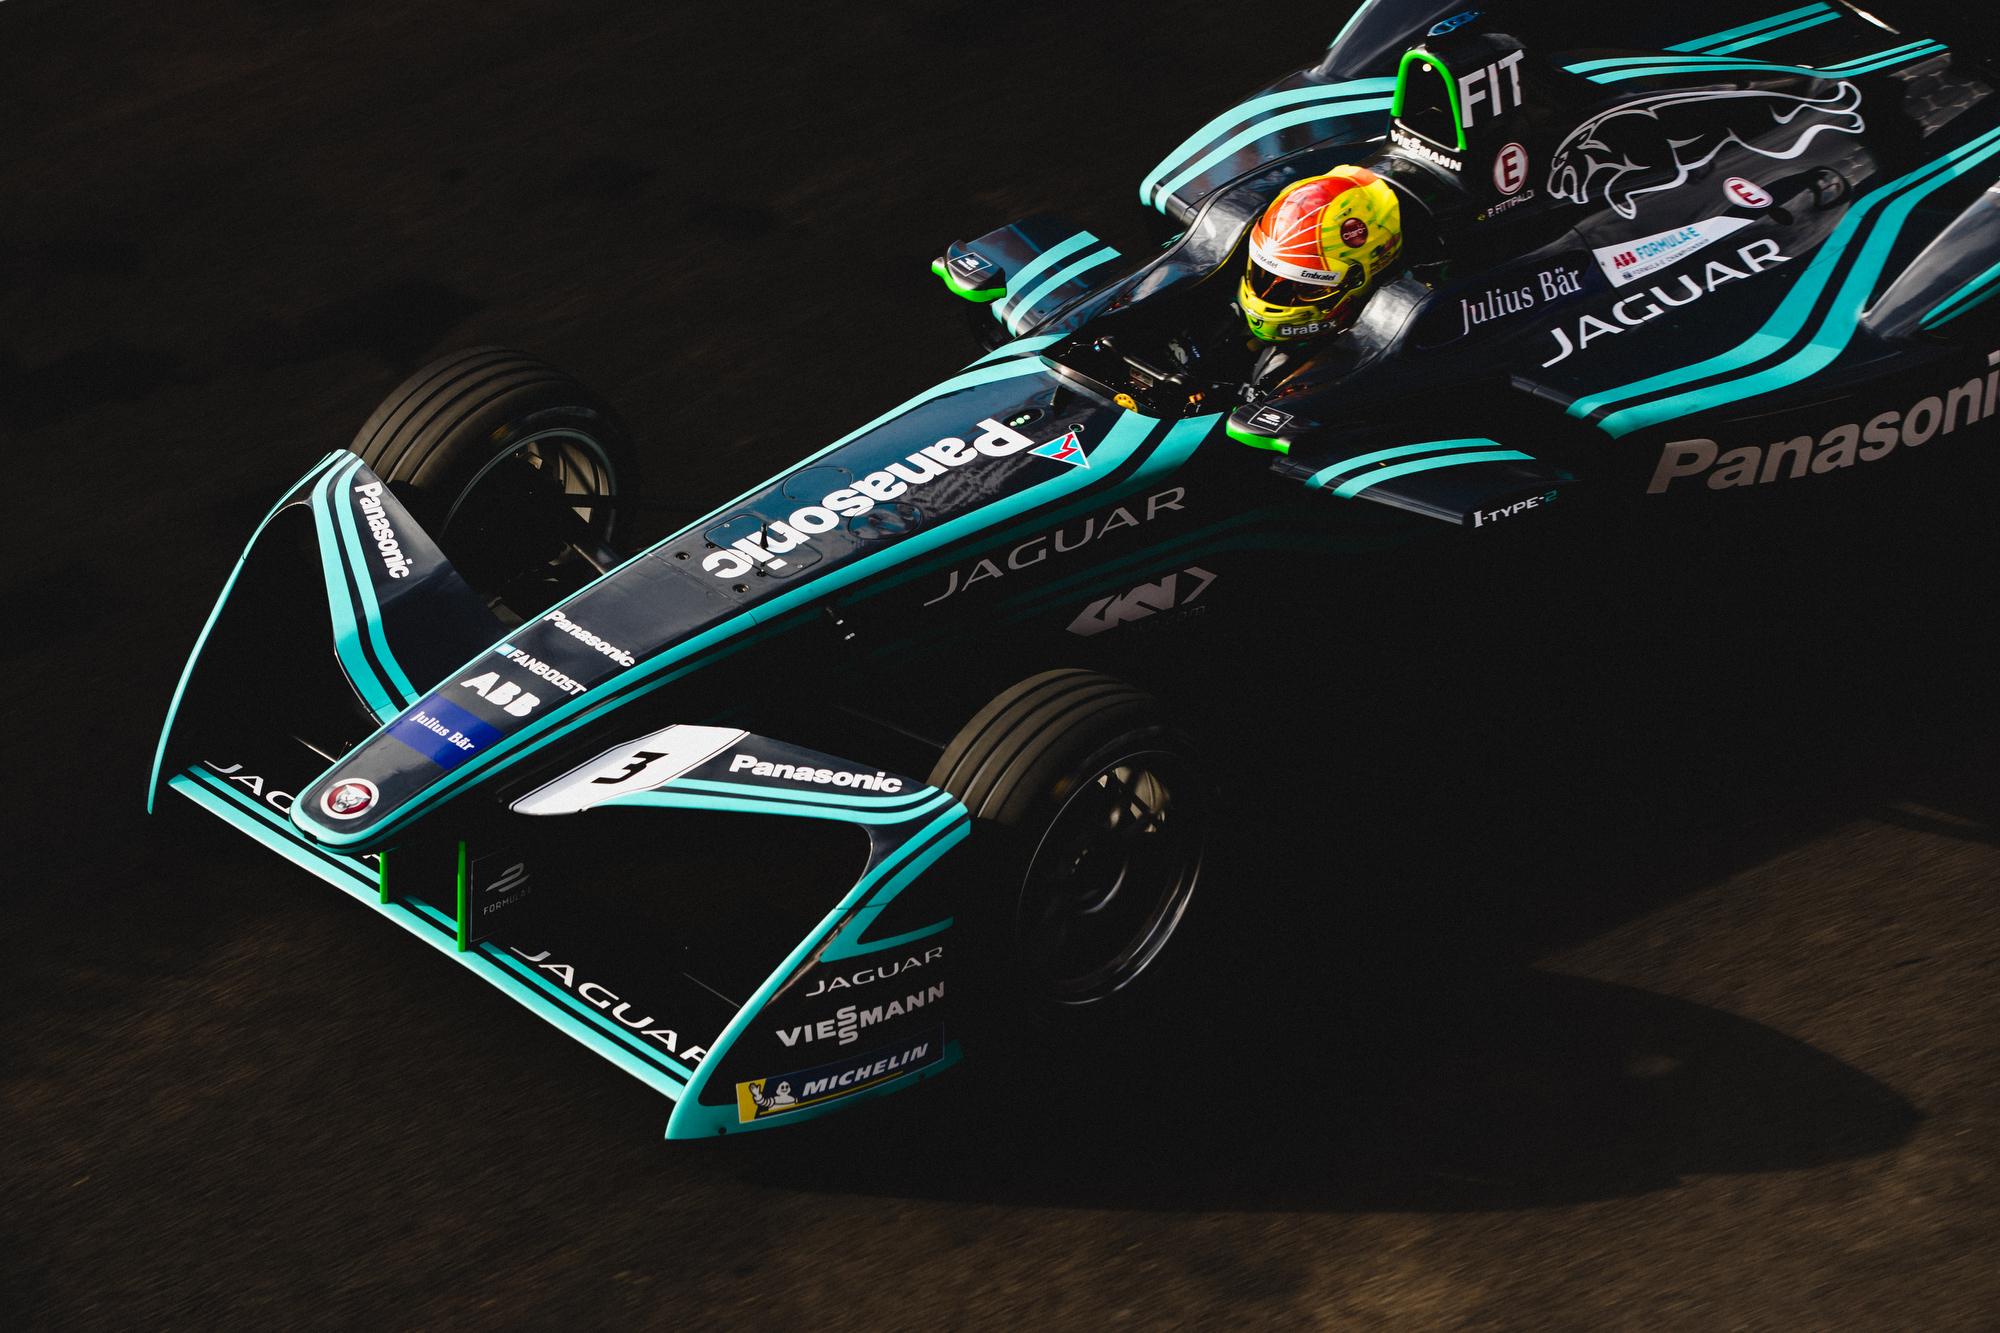 Pietro Fittipaldi, Jaguar Racing. 2017/18 FIA Formula E Championship, Marrakech, Morocco, Africa.